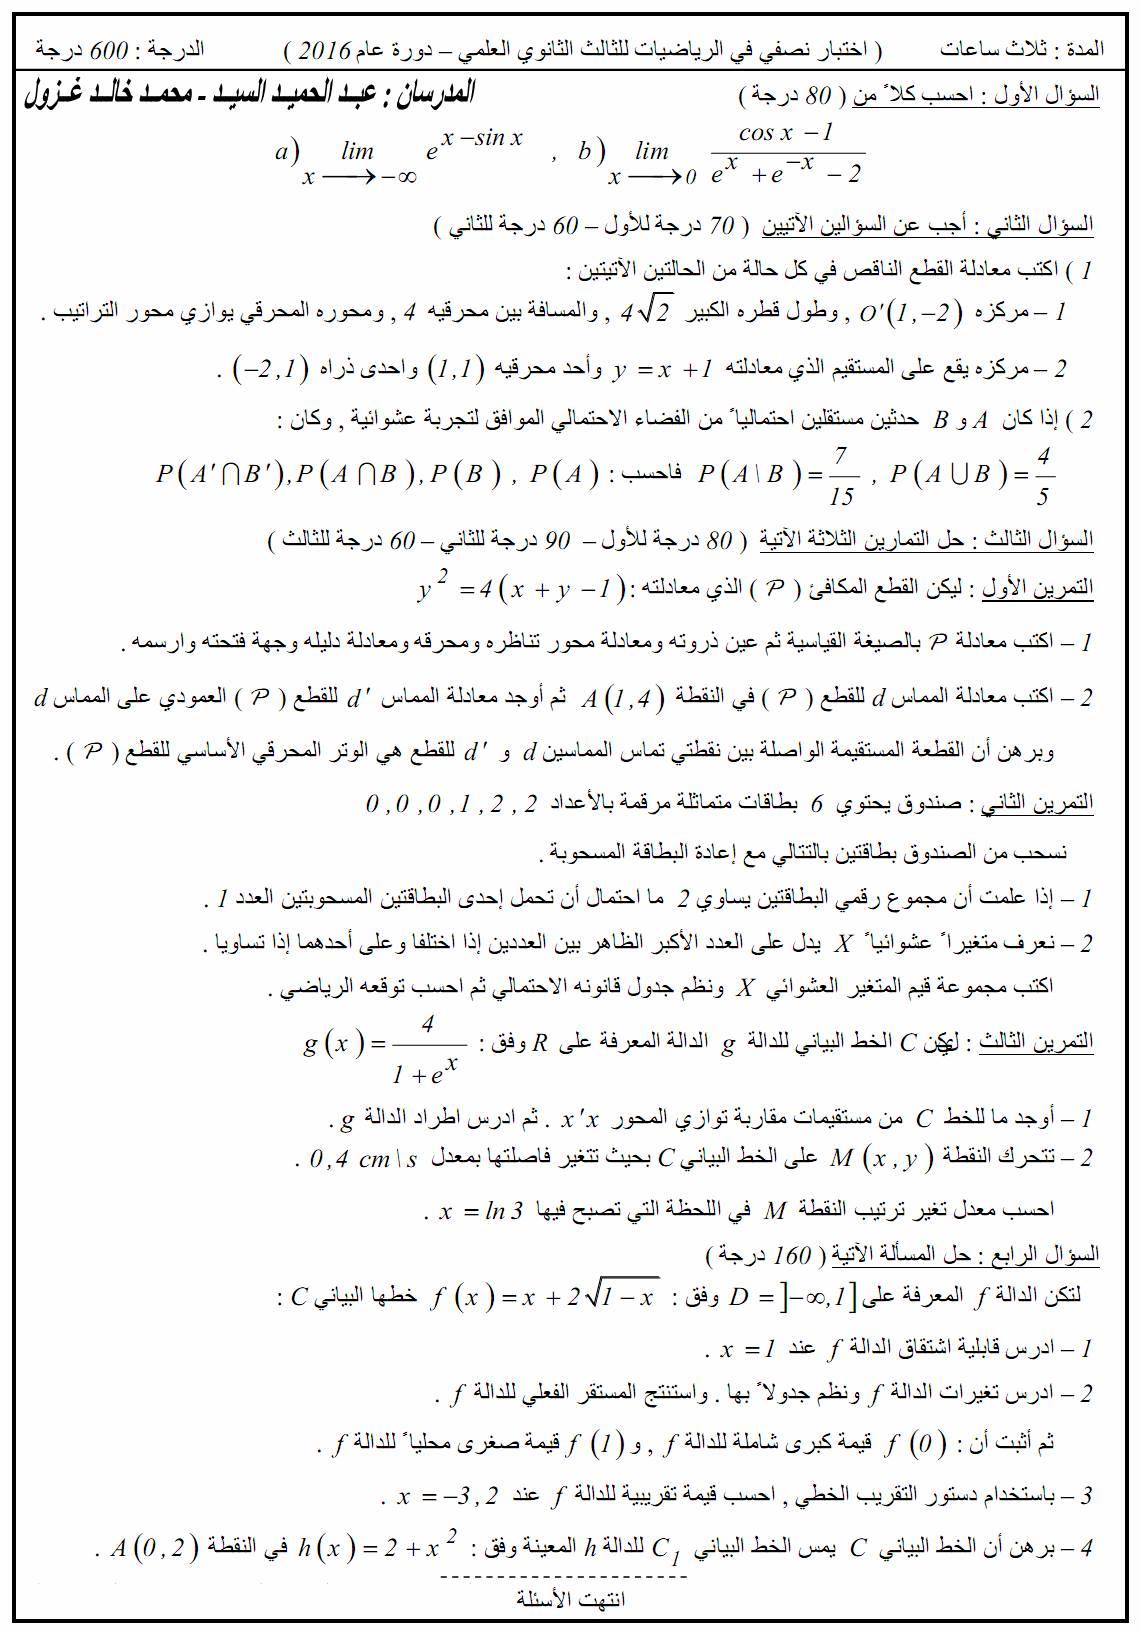 اختبار نصفي في الرياضيات للثالث الثانوي العلمي البكالوريا مع الحل سوريا